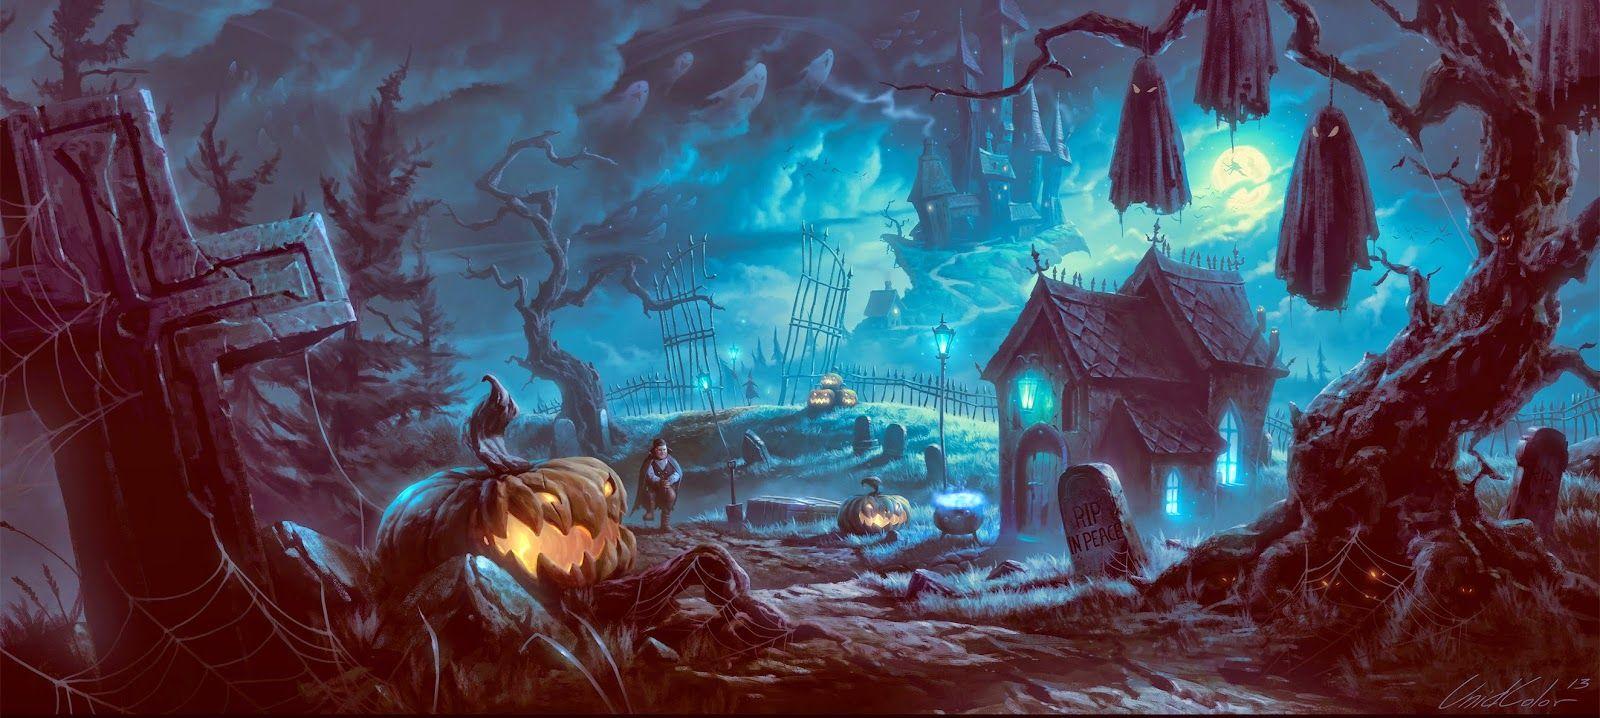 Best Wallpaper Halloween Haunted - d8294dc5925aa6e9f2f80ec9fb6cd48d  Pic_59937.jpg